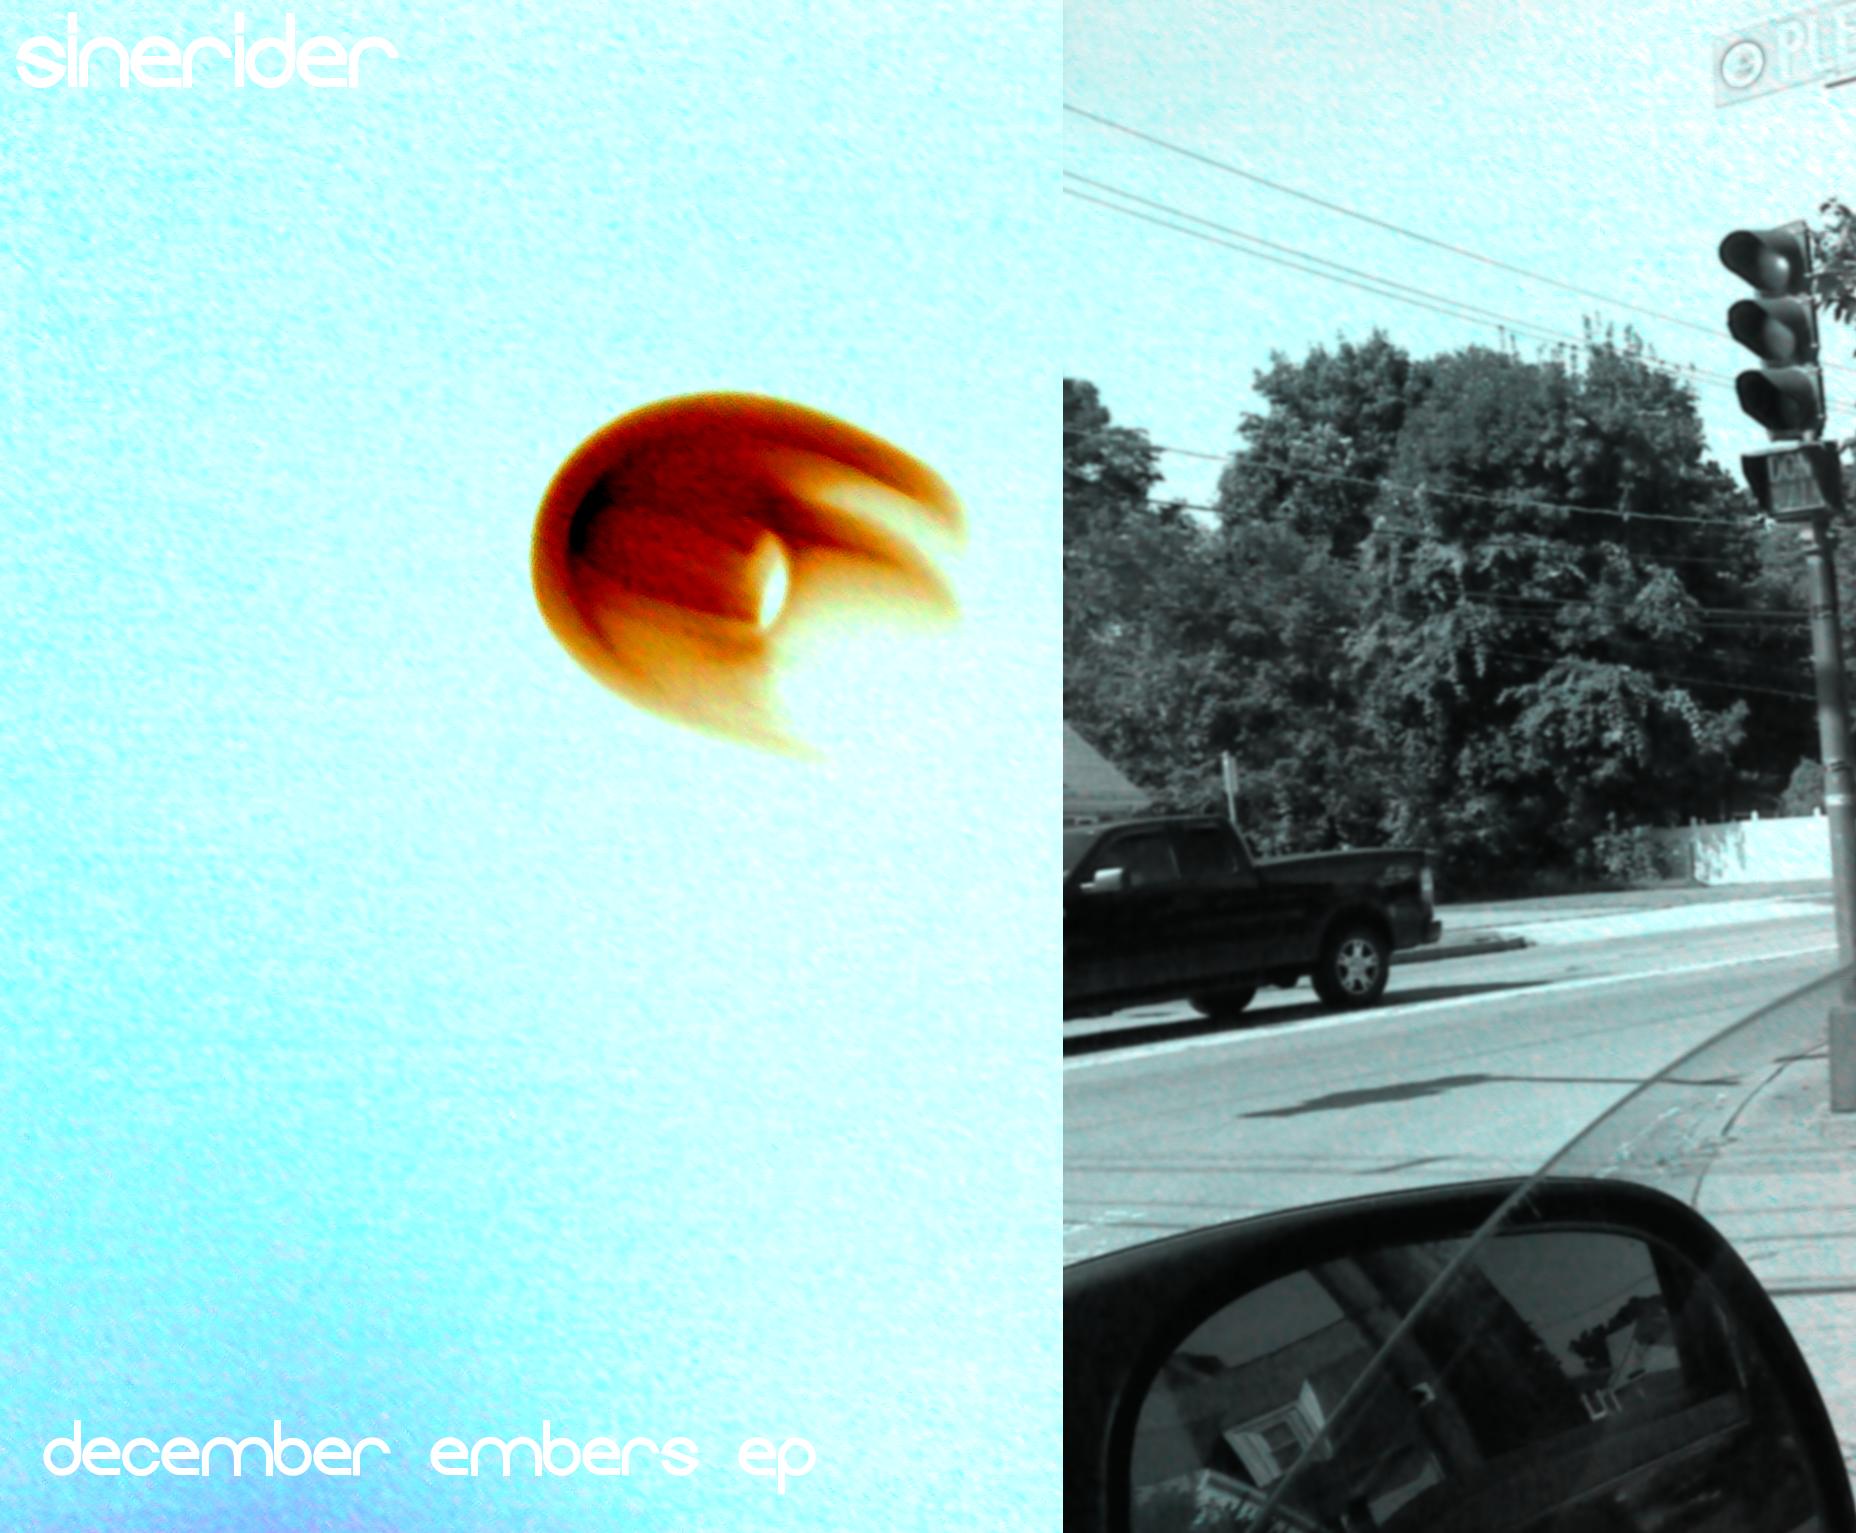 December Embers